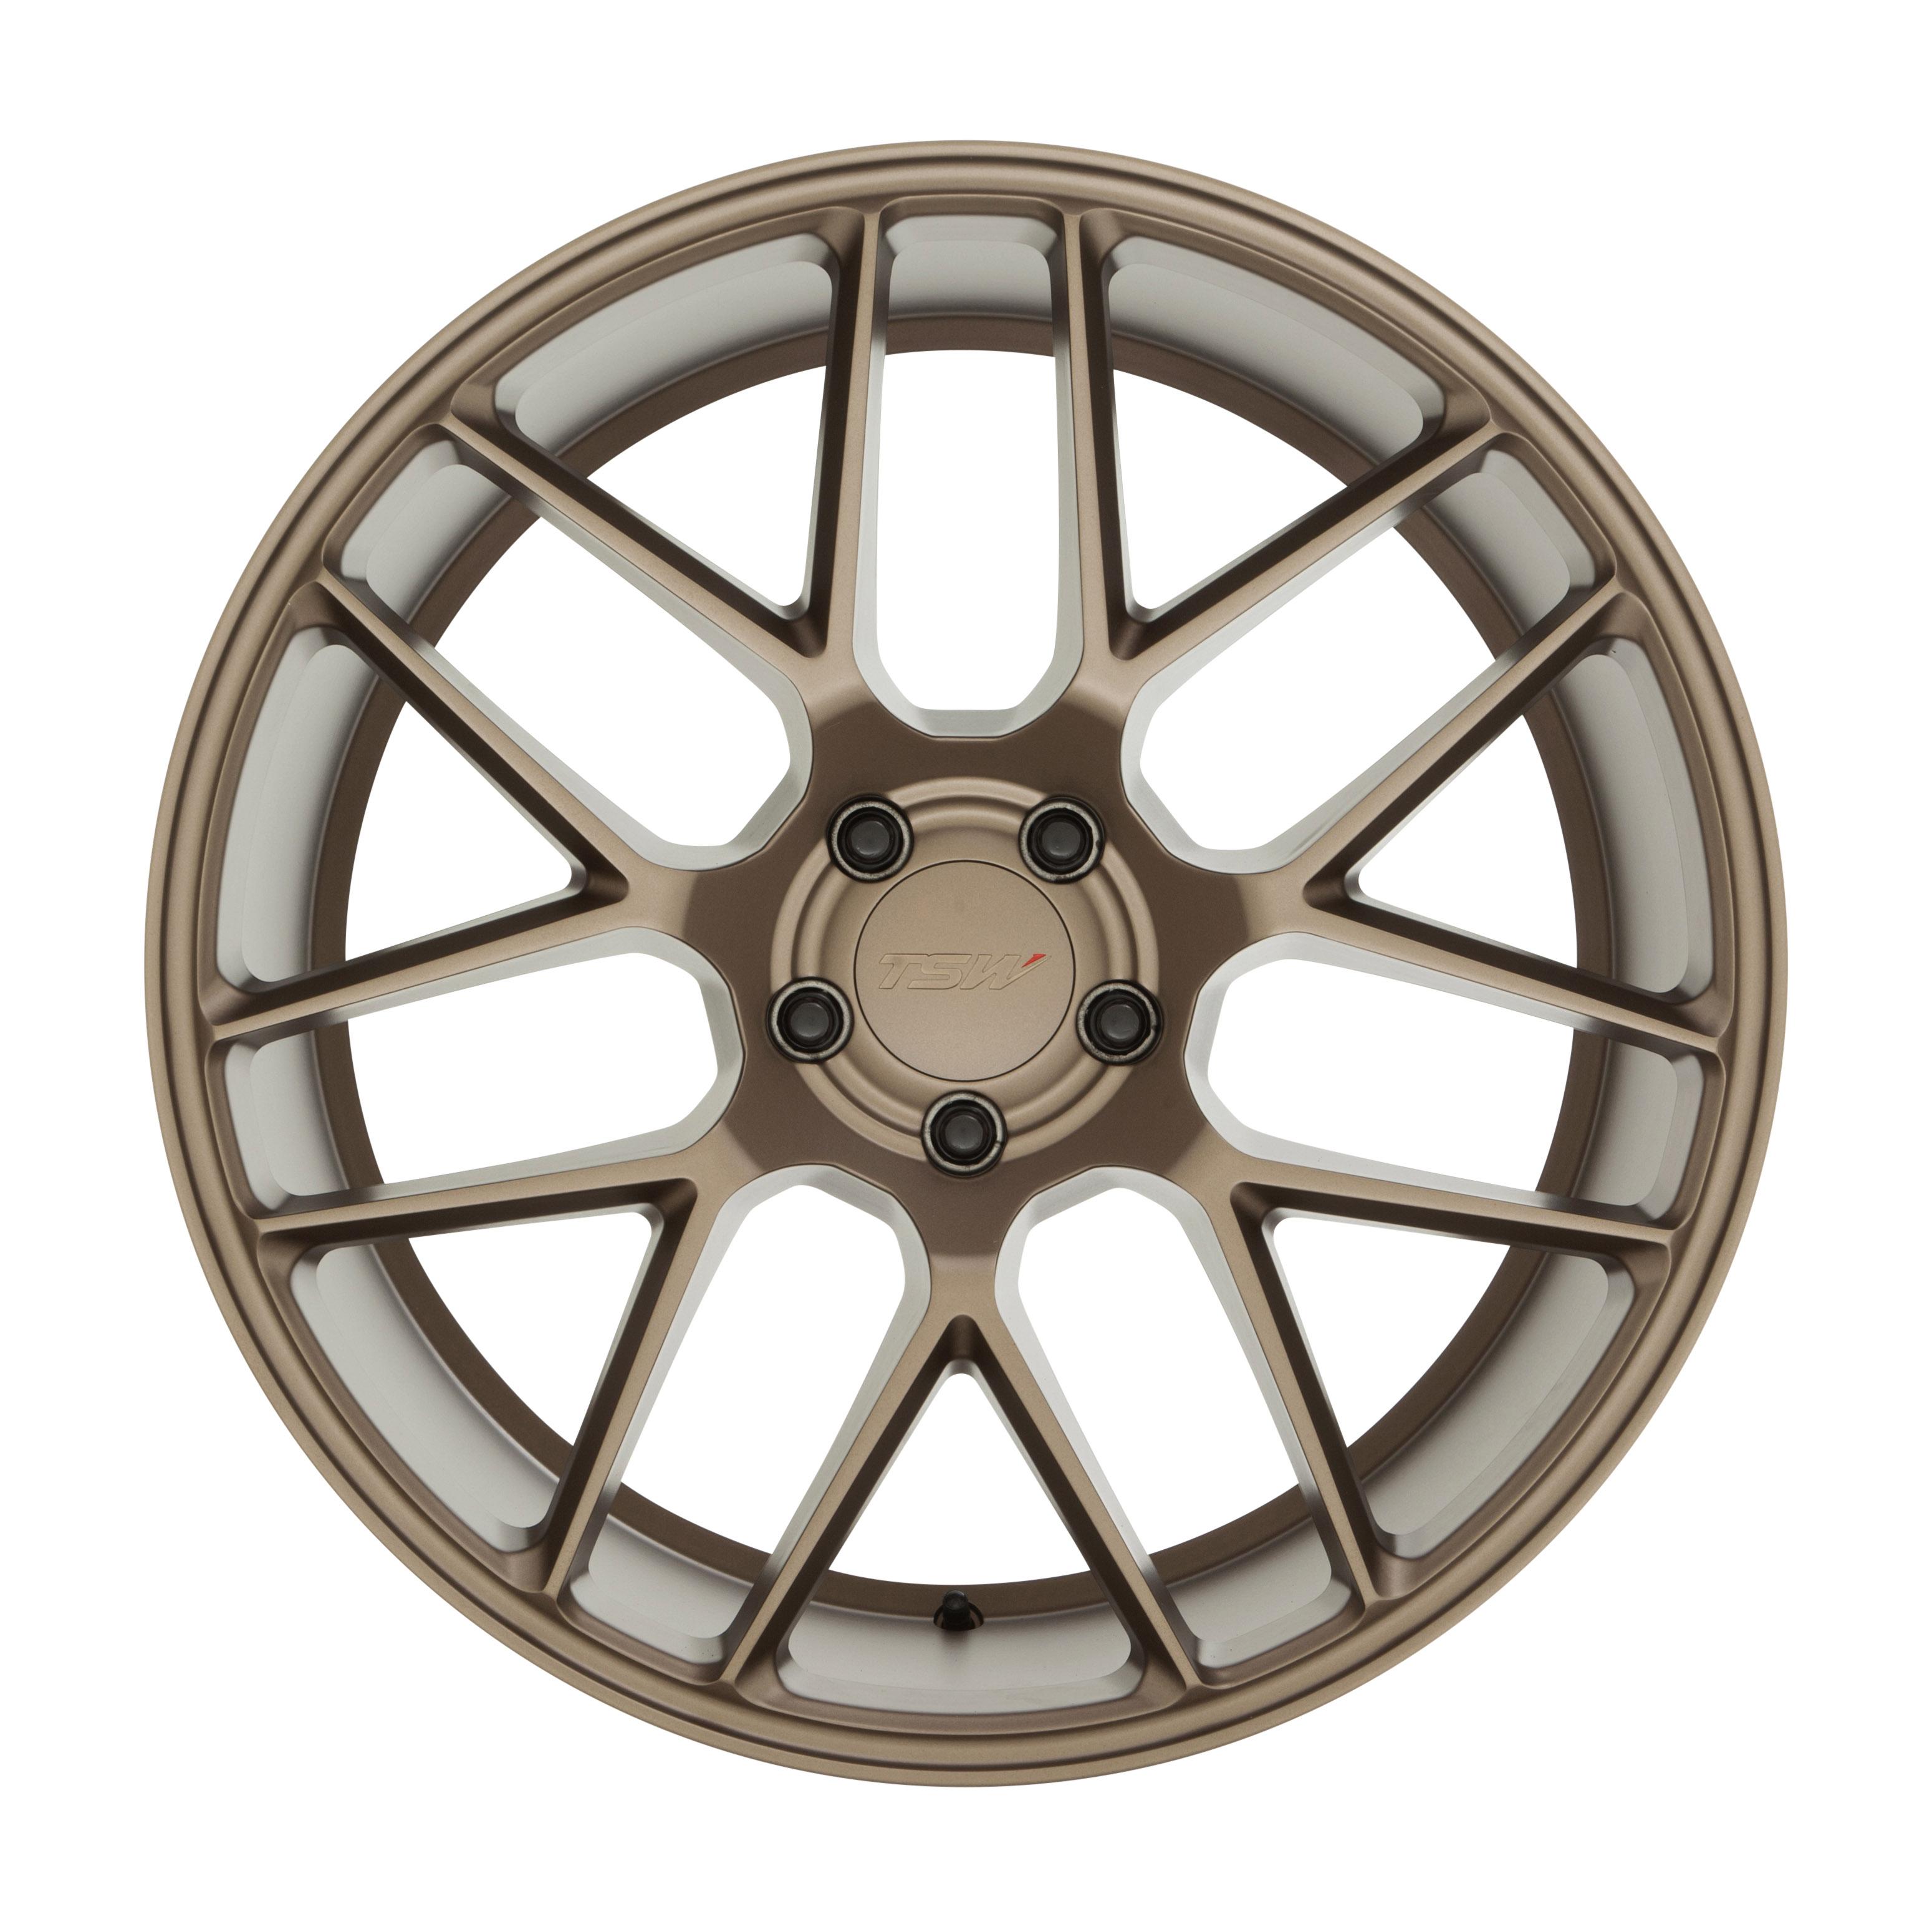 TSW Wheels Tamburello - Matte Bronze Rim